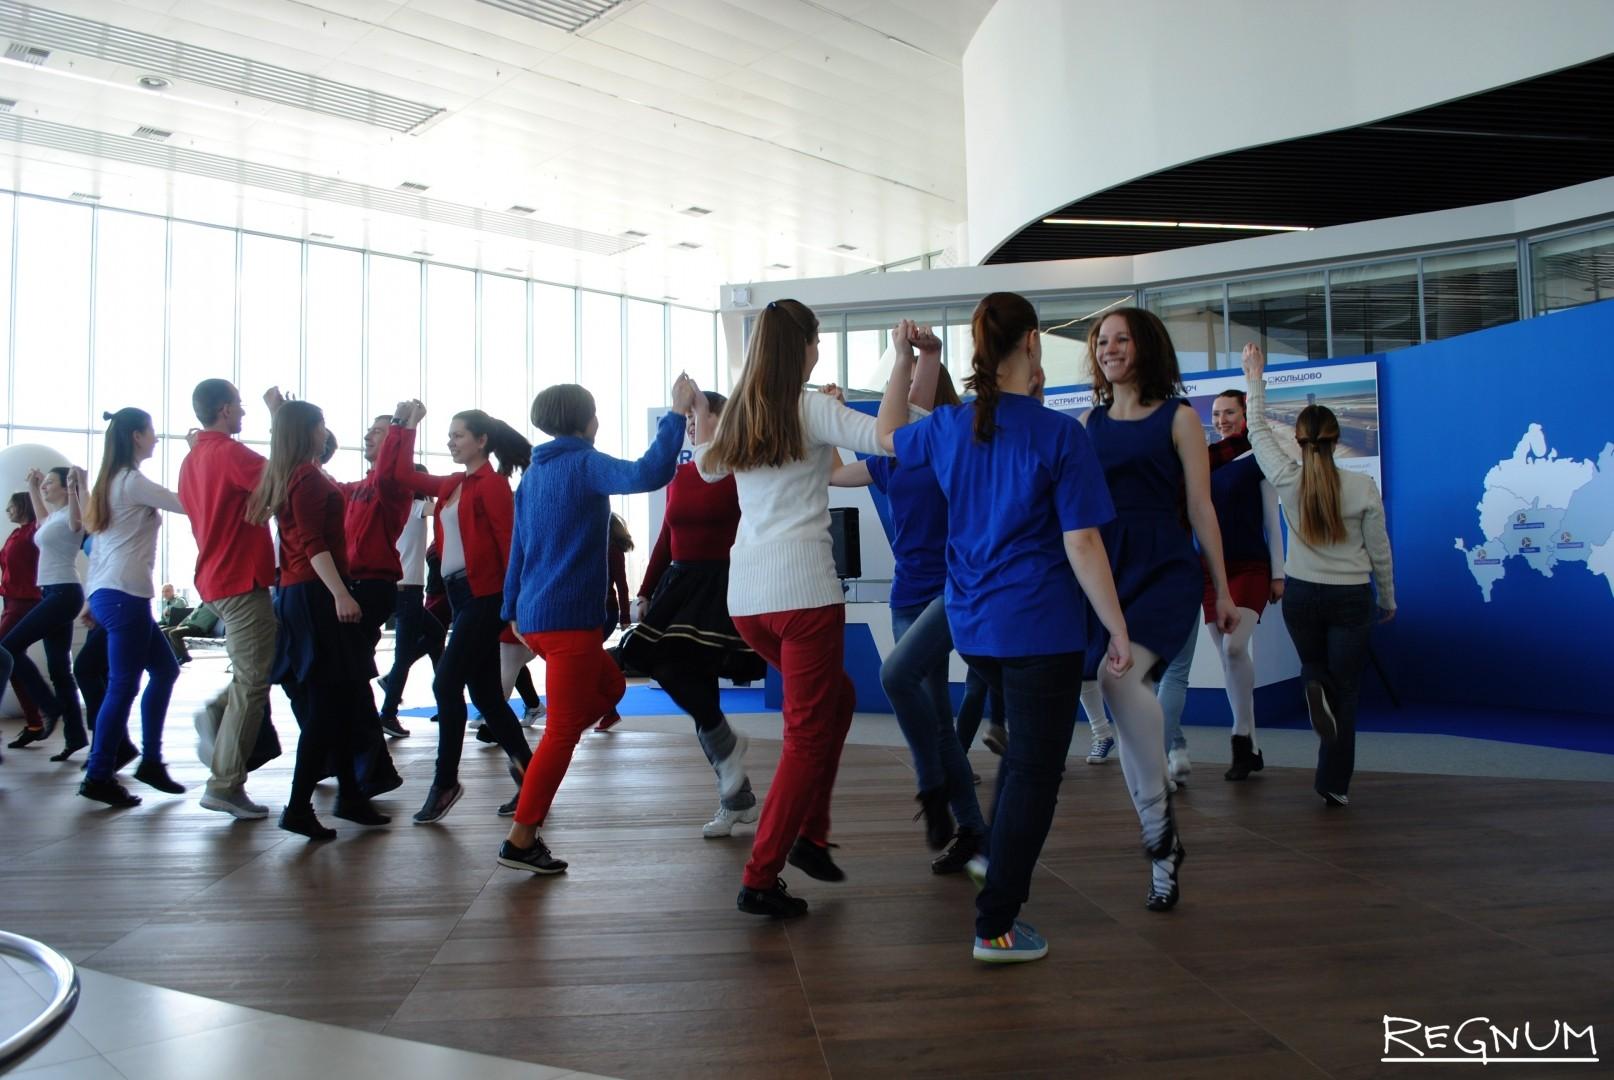 За час танцевальные коллективы исполнили свой номер несколько раз